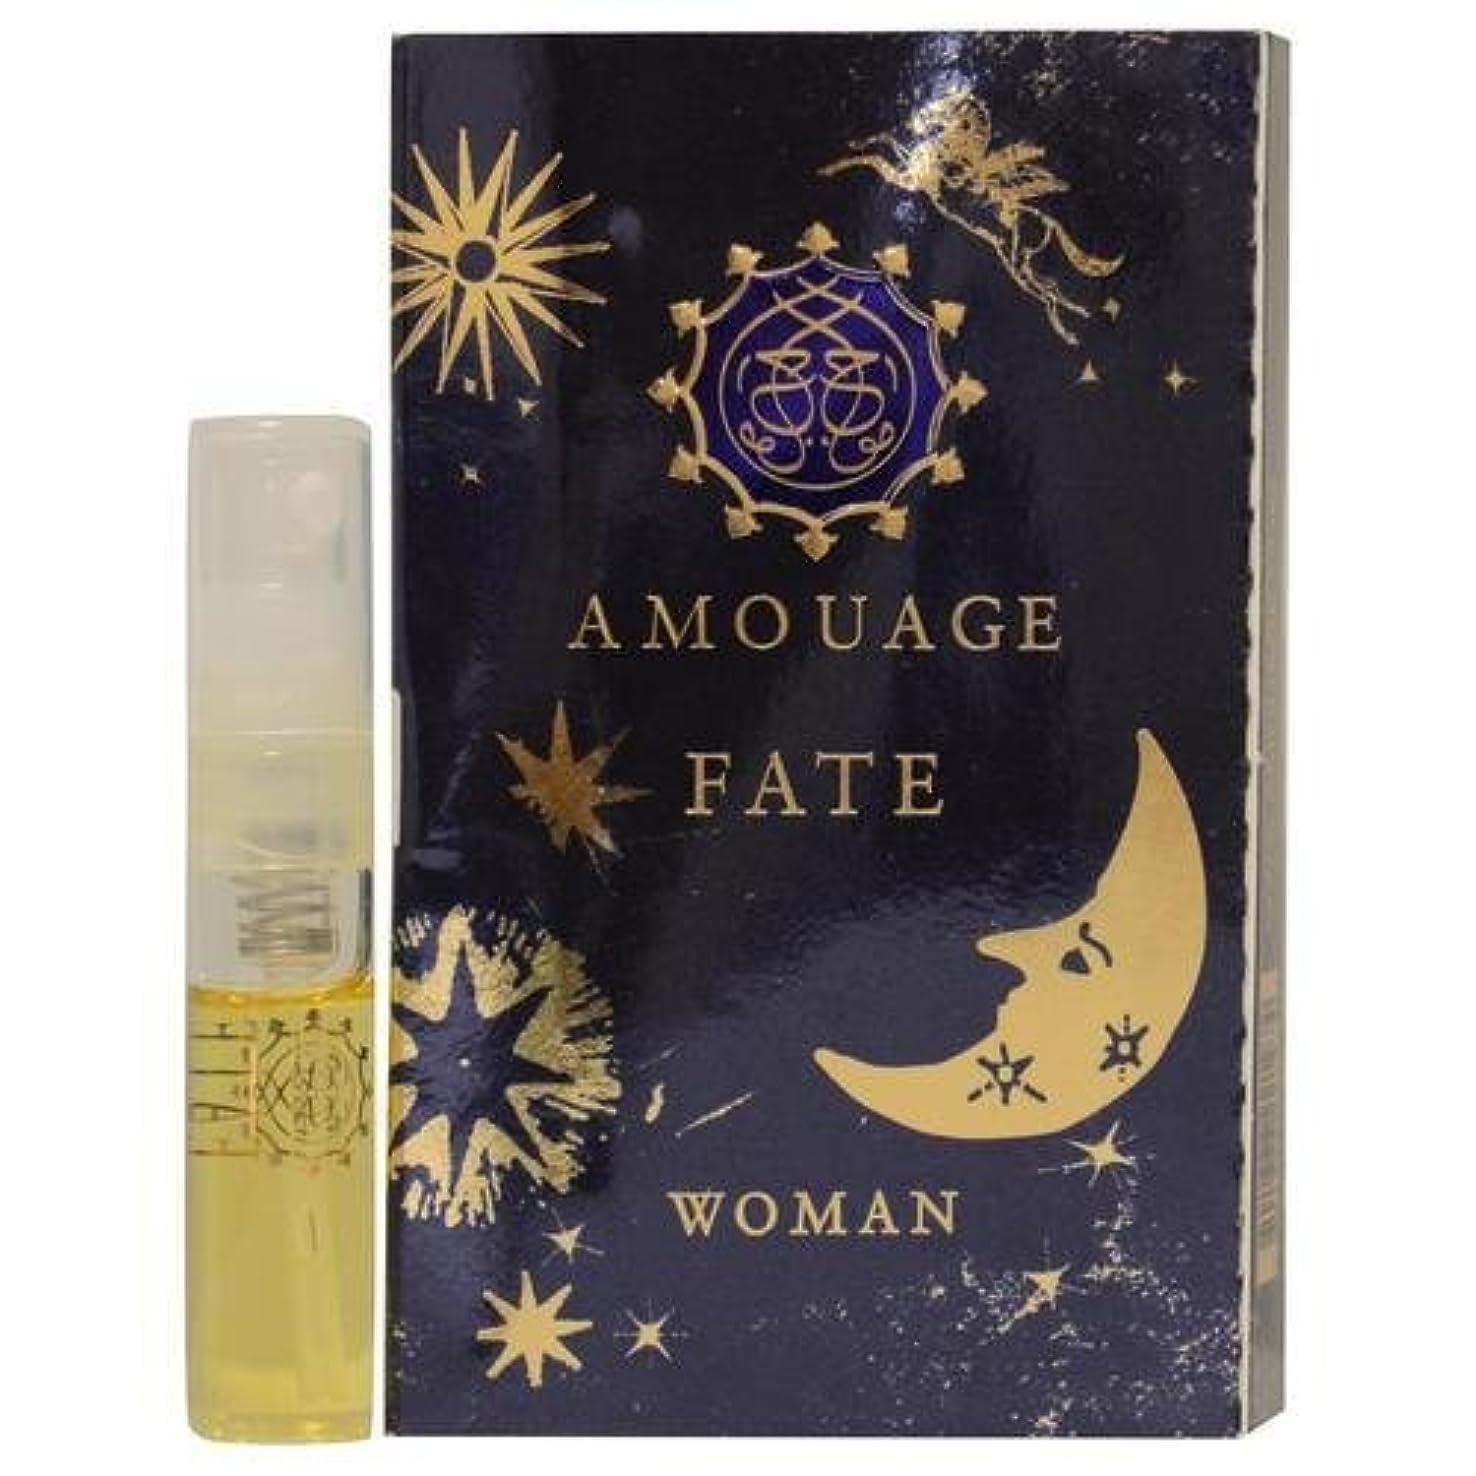 過敏な状アクセスAmouage Fate Woman EDP Vial Sample(アムアージュ フェイト ウーマン オードパルファン)2ml サンプル